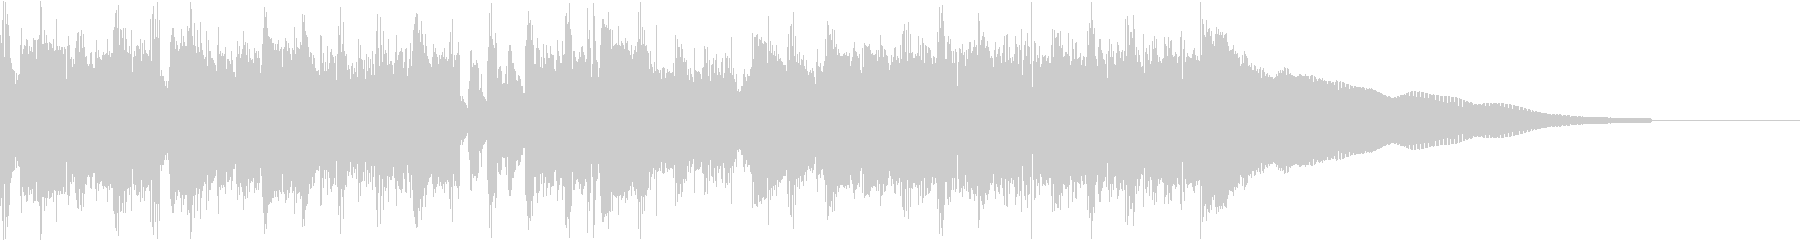 カントリー風ギターイントロ−07Cの未再生の波形